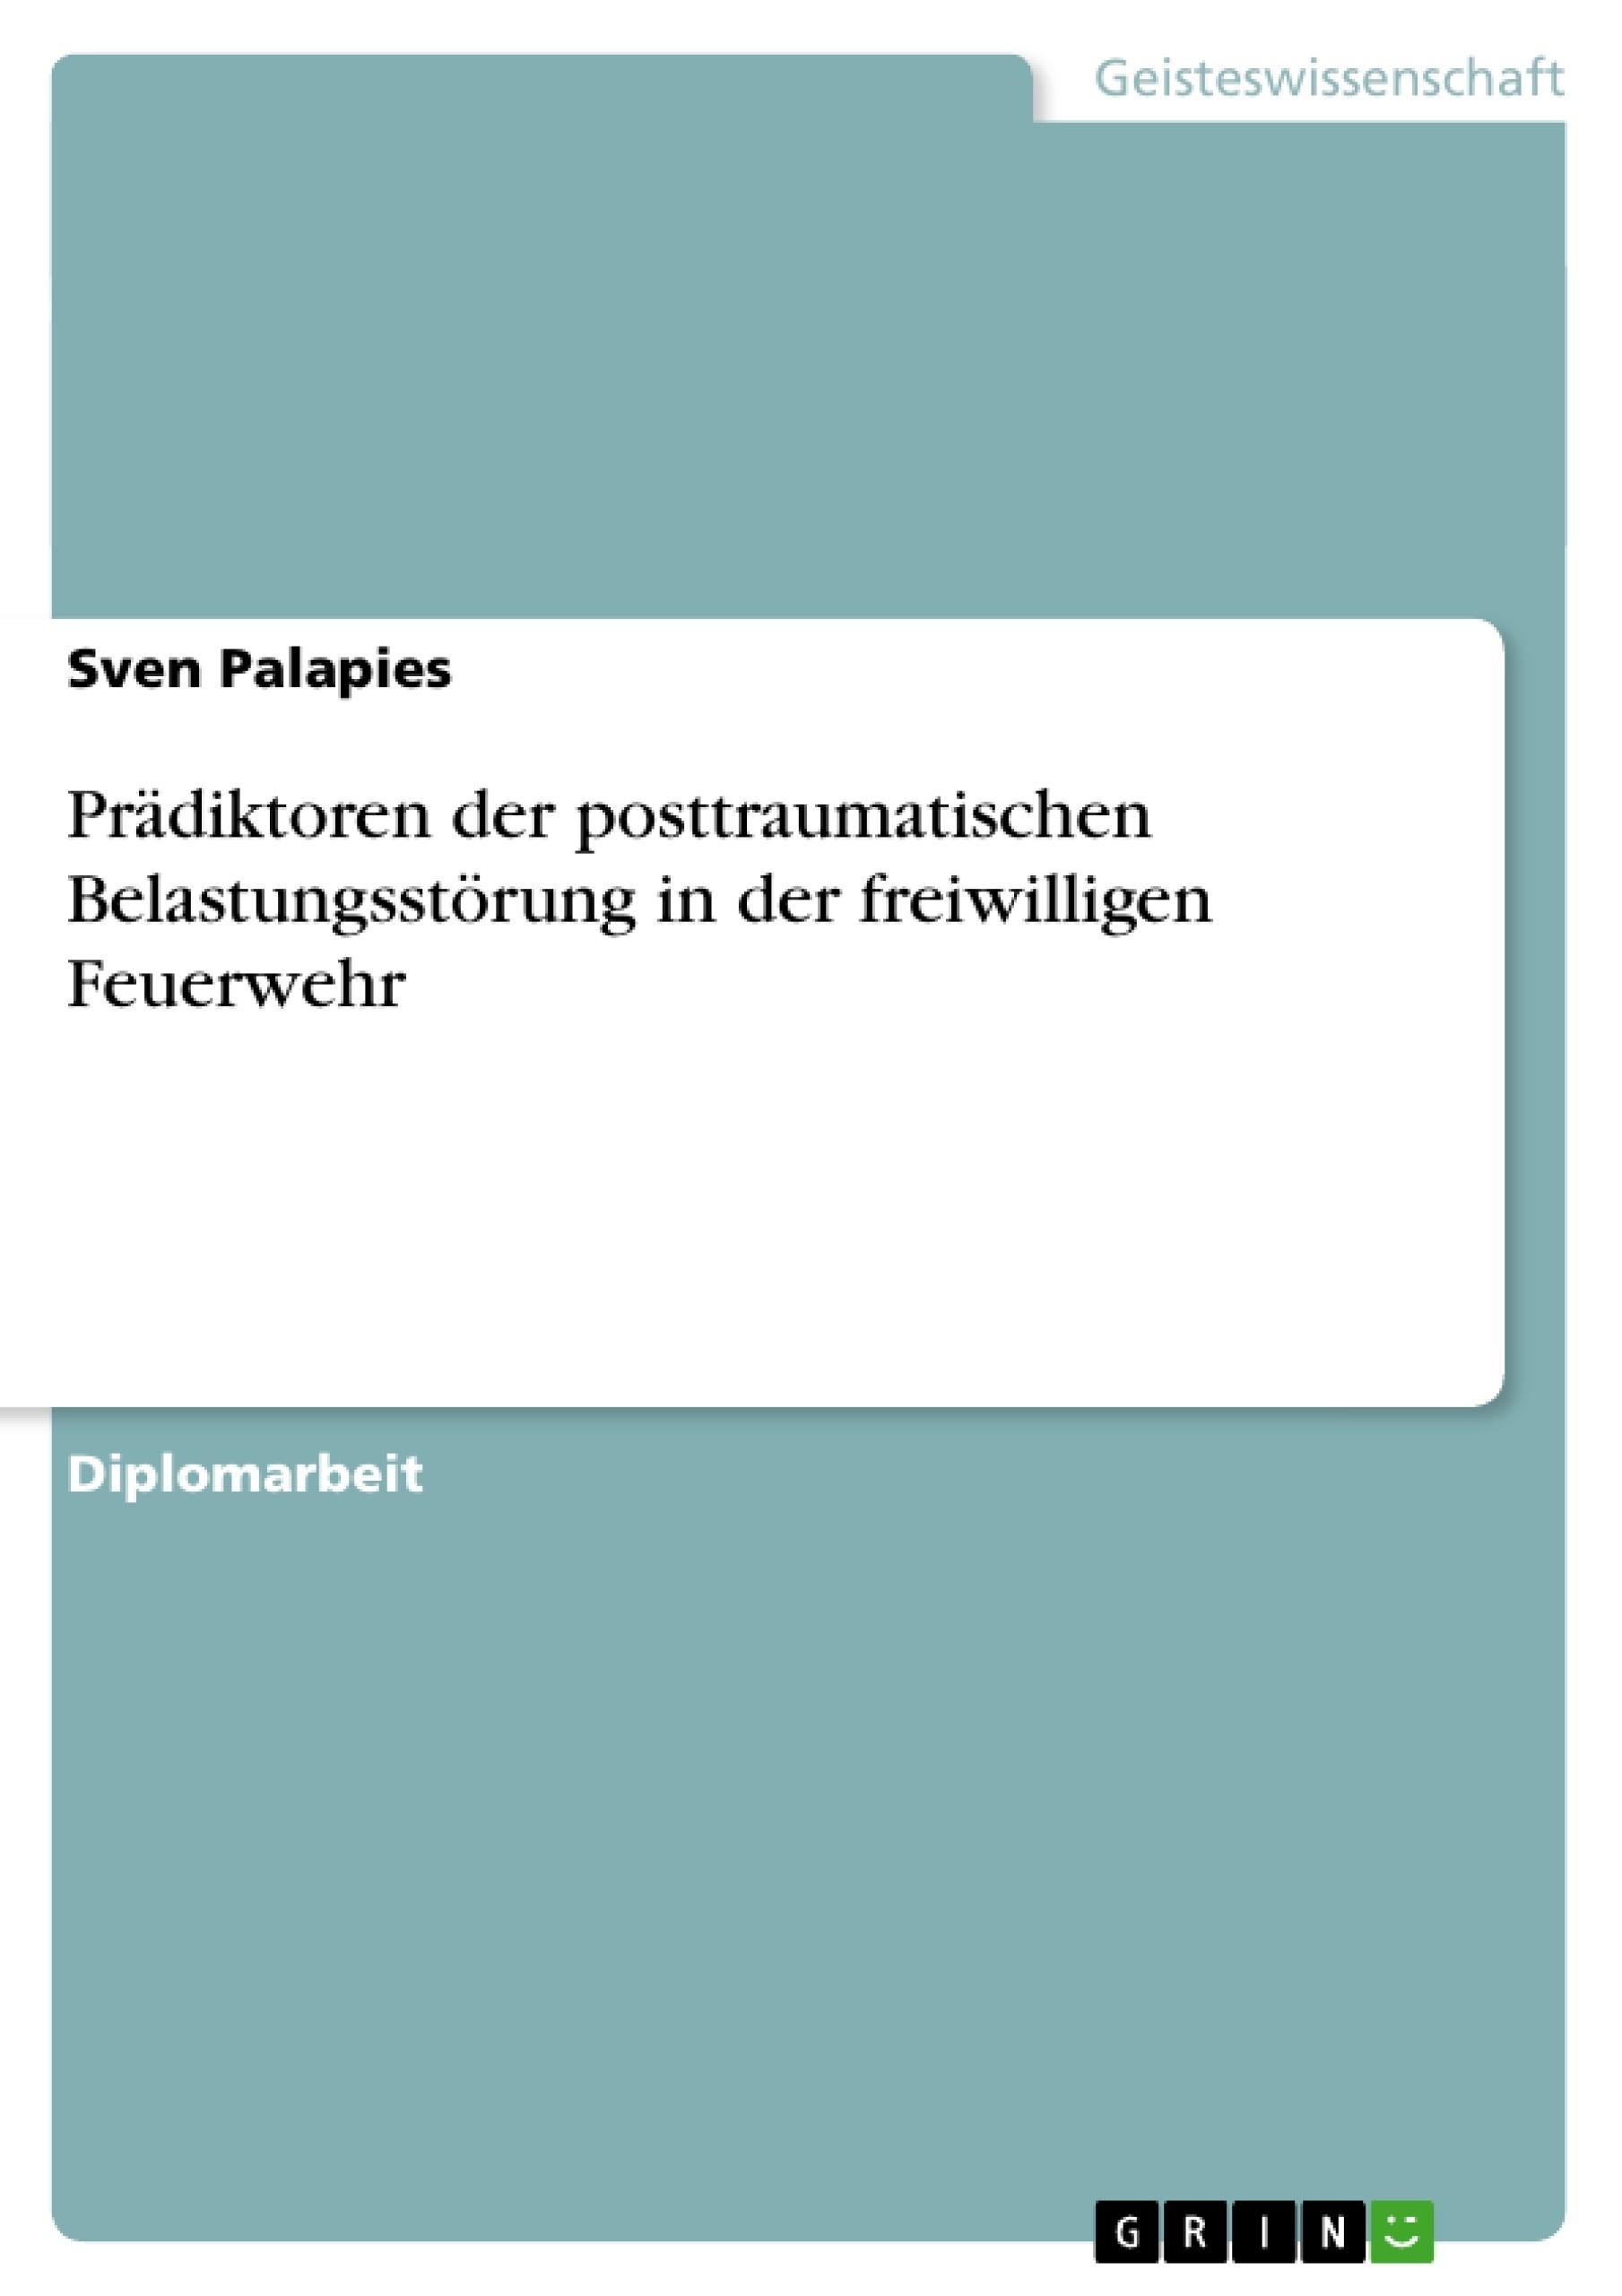 Titel: Prädiktoren der posttraumatischen Belastungsstörung in der freiwilligen Feuerwehr